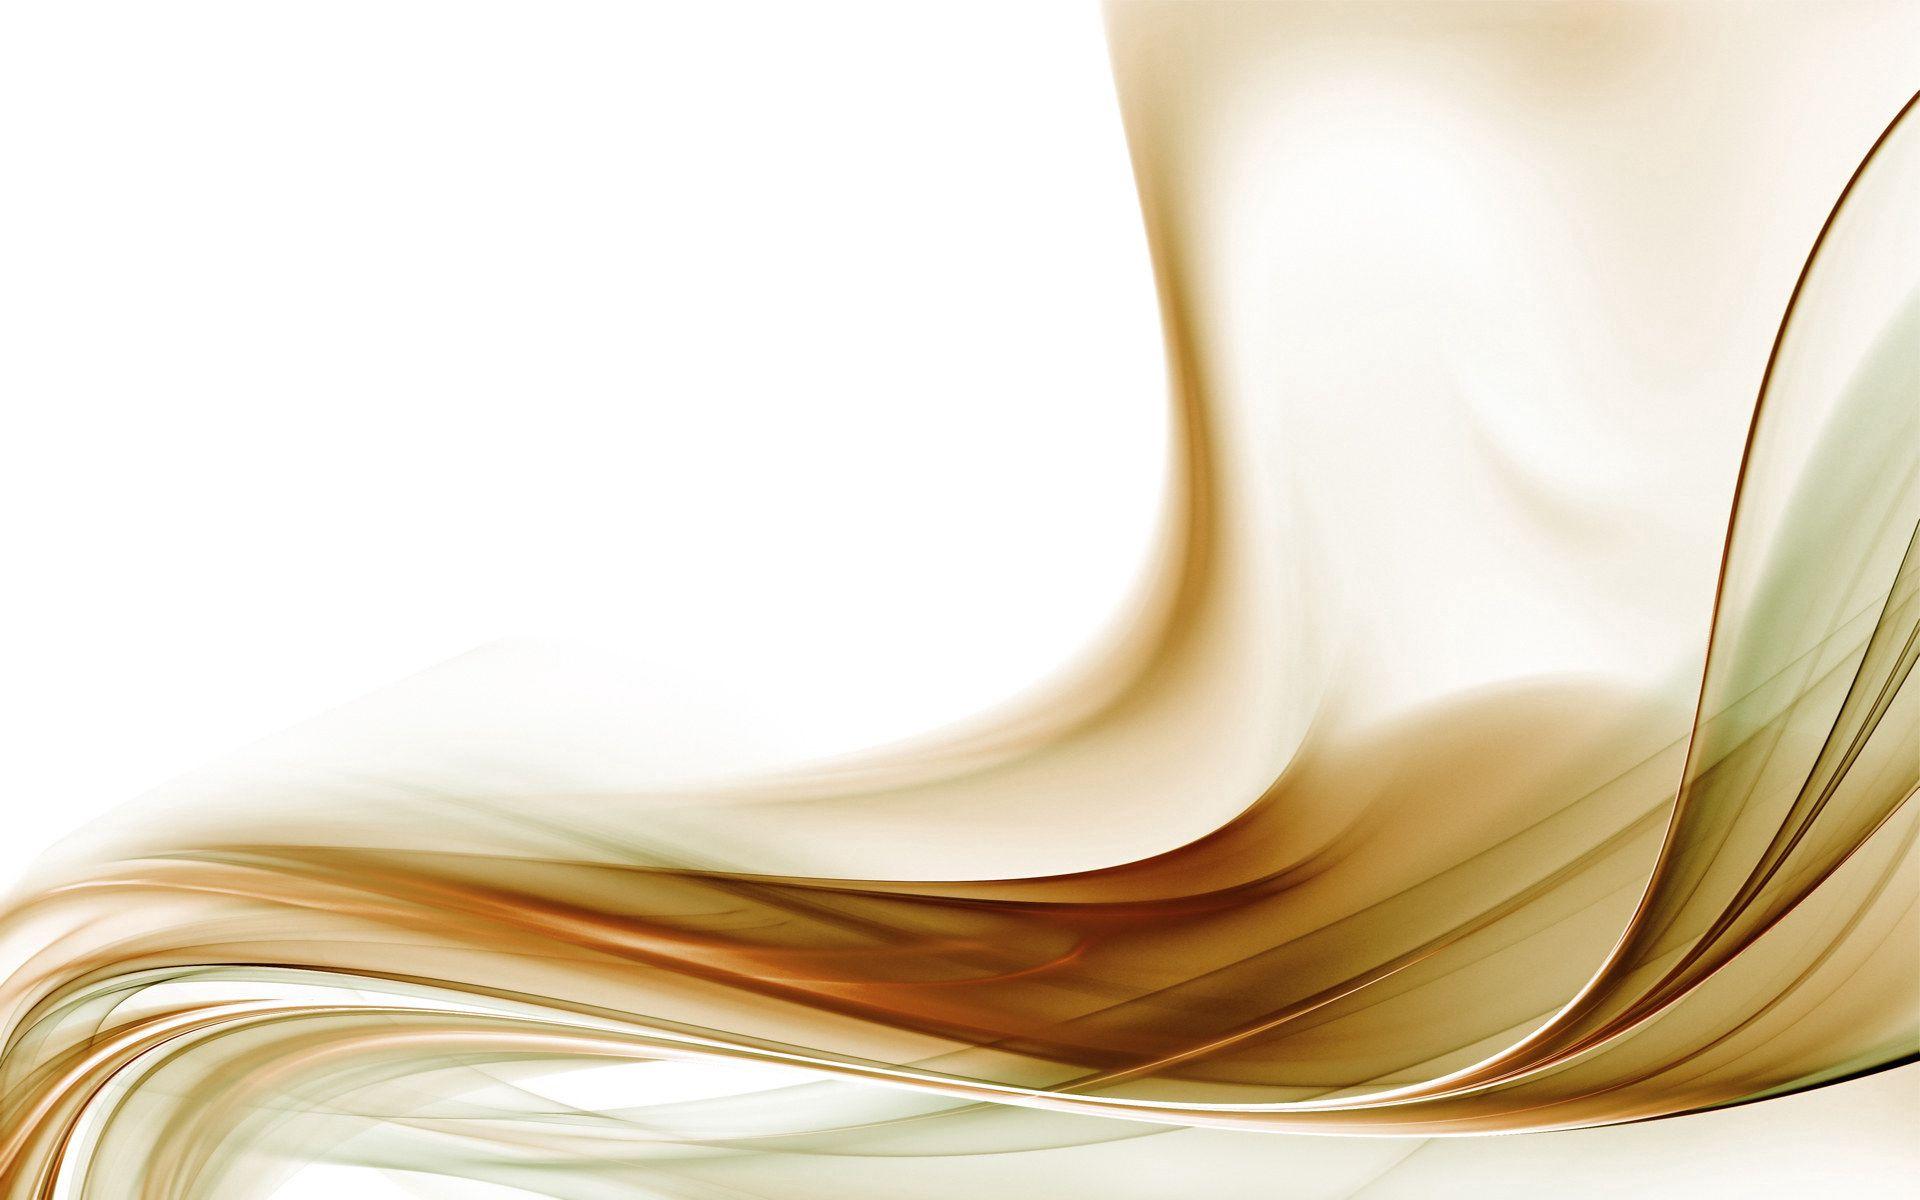 141662 завантажити шпалери Абстракція, Фон, Хвилі, Світлий, Лінії, Вітер - заставки і картинки безкоштовно